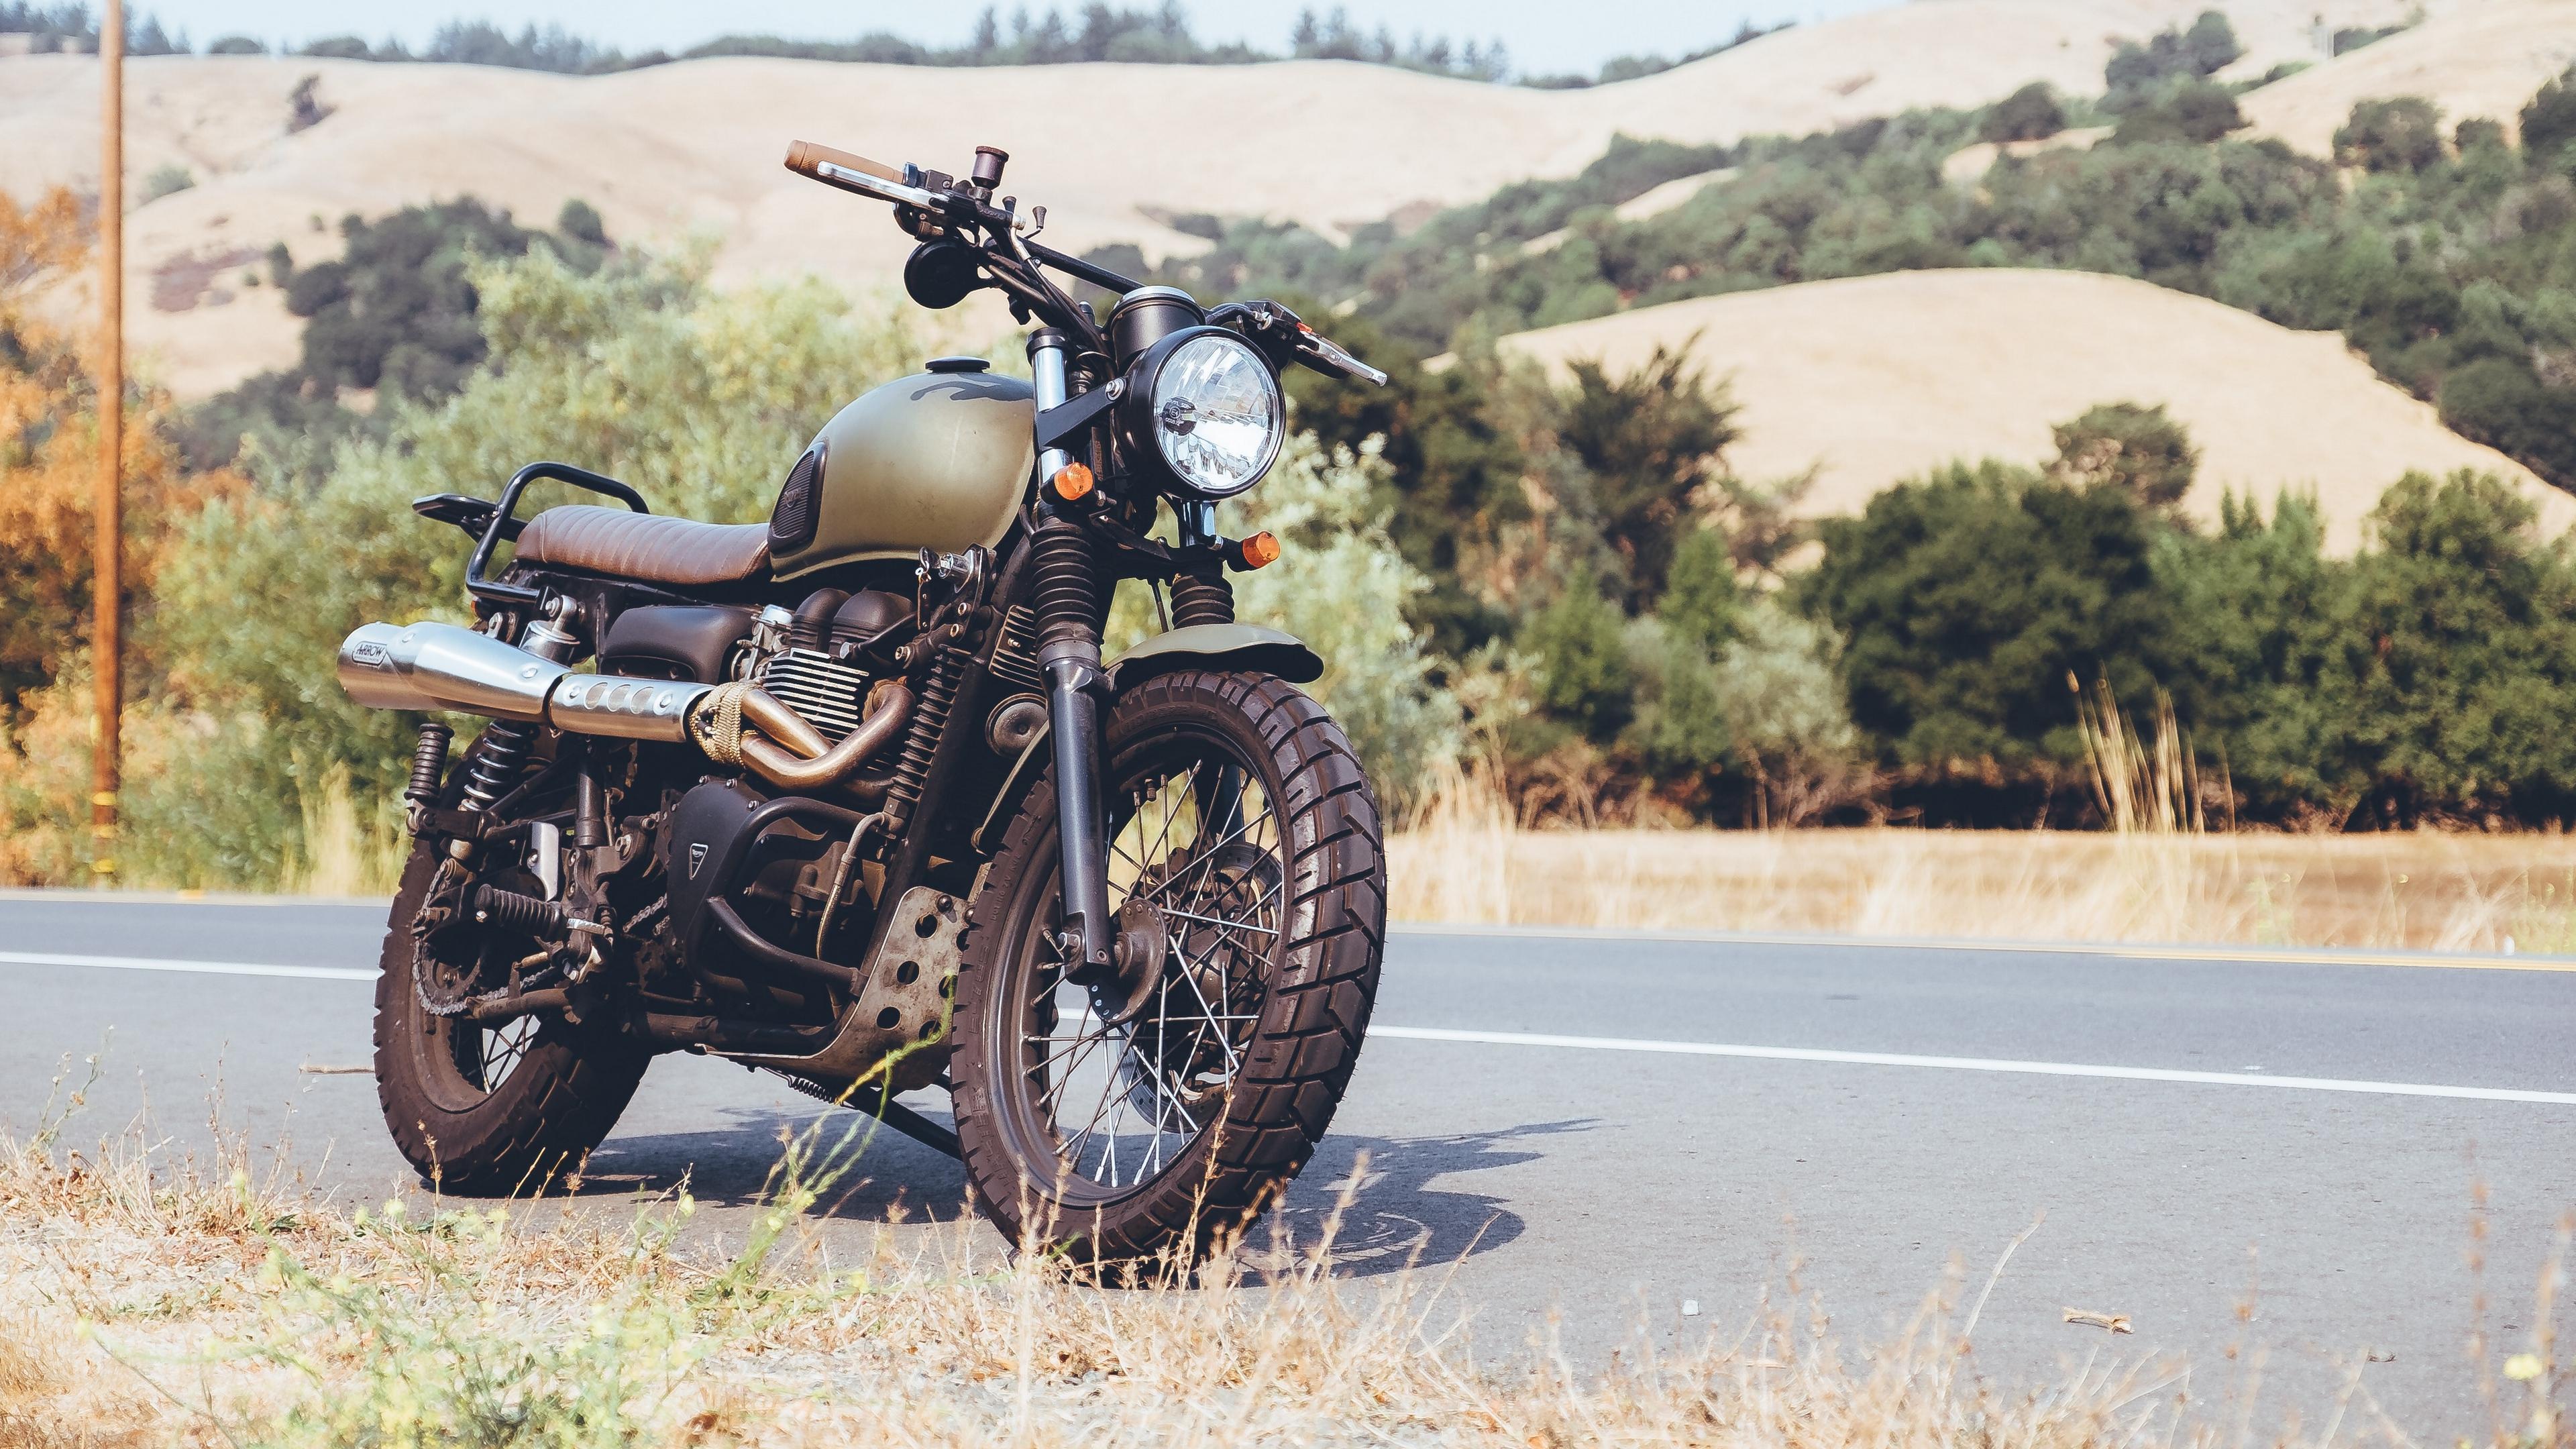 motorcycle side view road 4k 1536018778 - motorcycle, side view, road 4k - side view, Road, Motorcycle